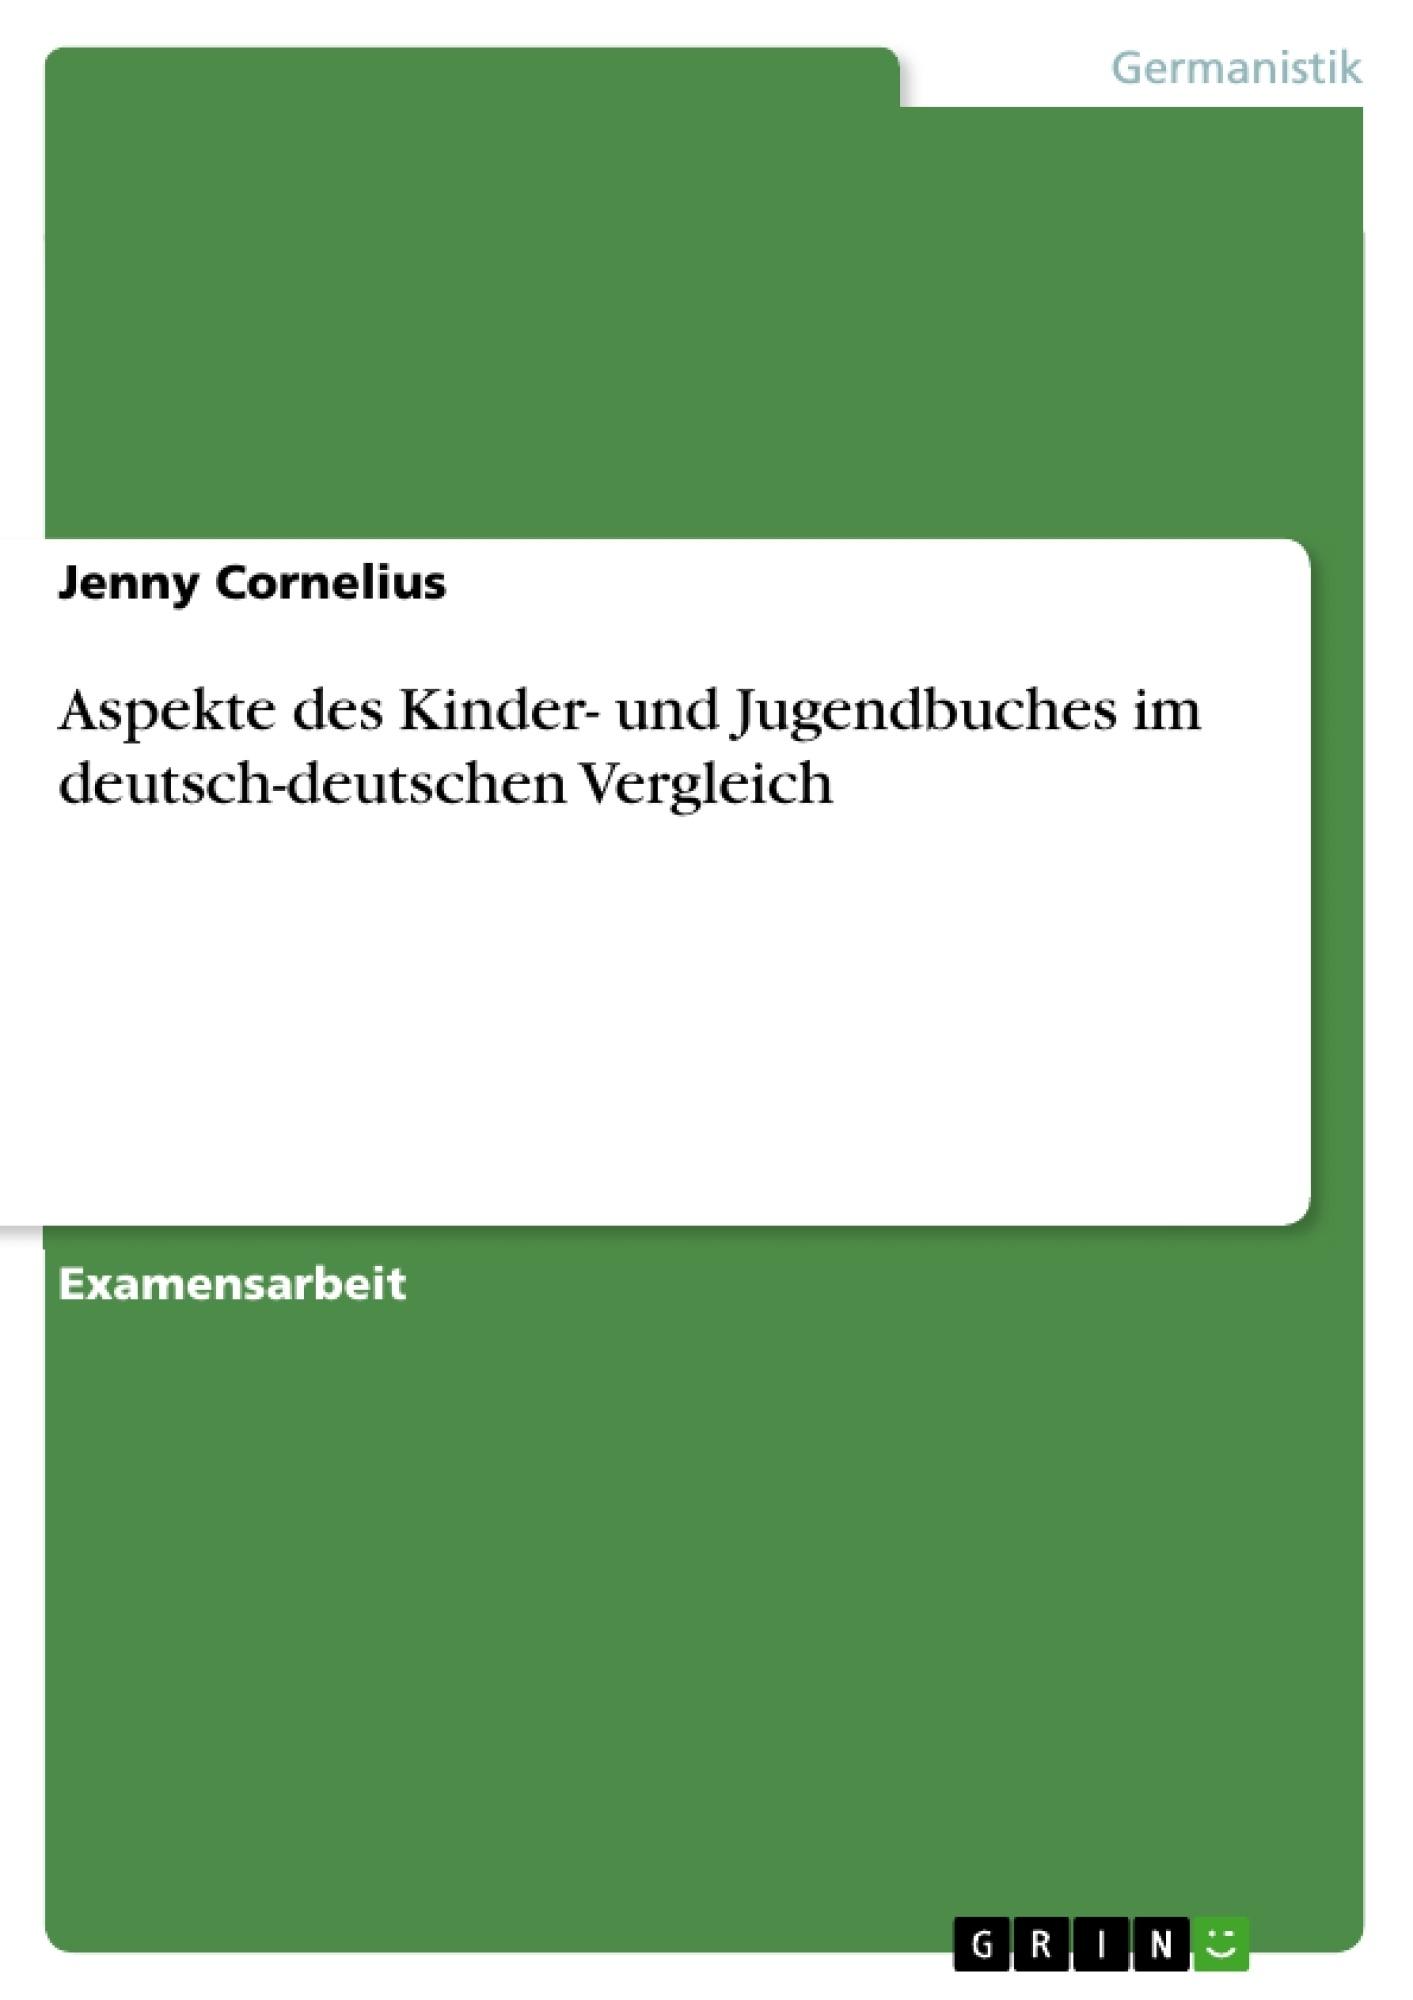 Titel: Aspekte des Kinder- und Jugendbuches im deutsch-deutschen Vergleich